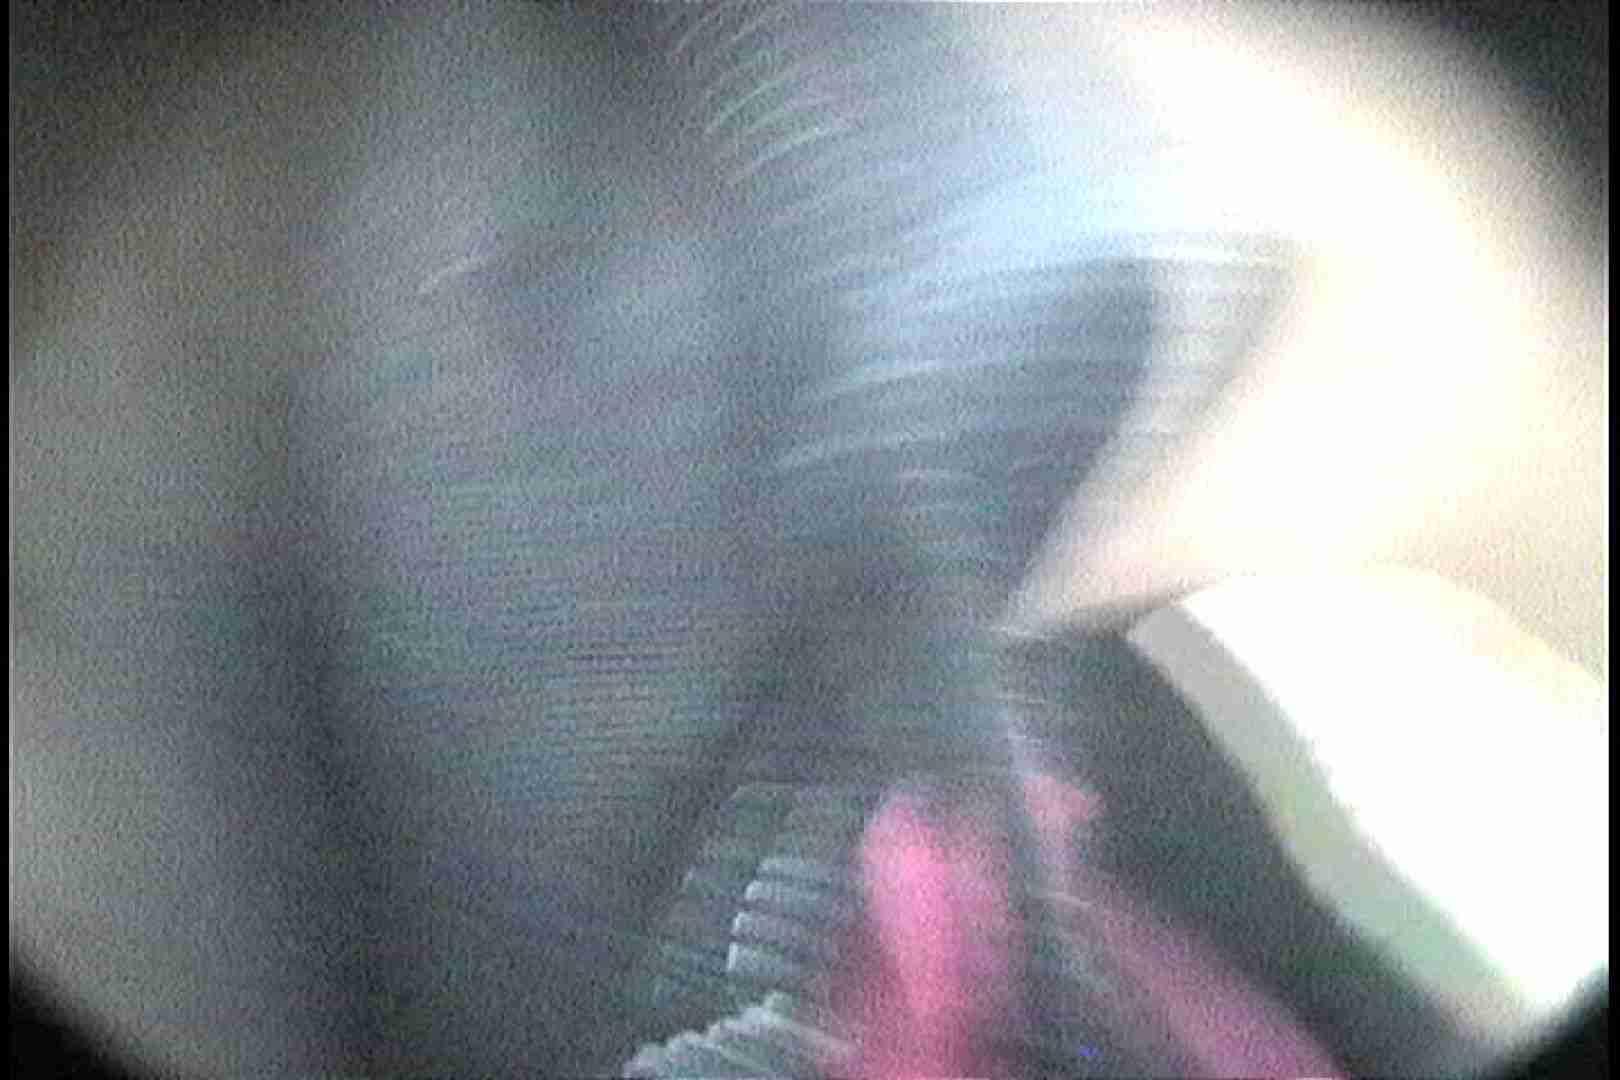 No.24 ビキニの割には陰毛は獰猛、ハミ毛が心配 シャワー  72pic 64